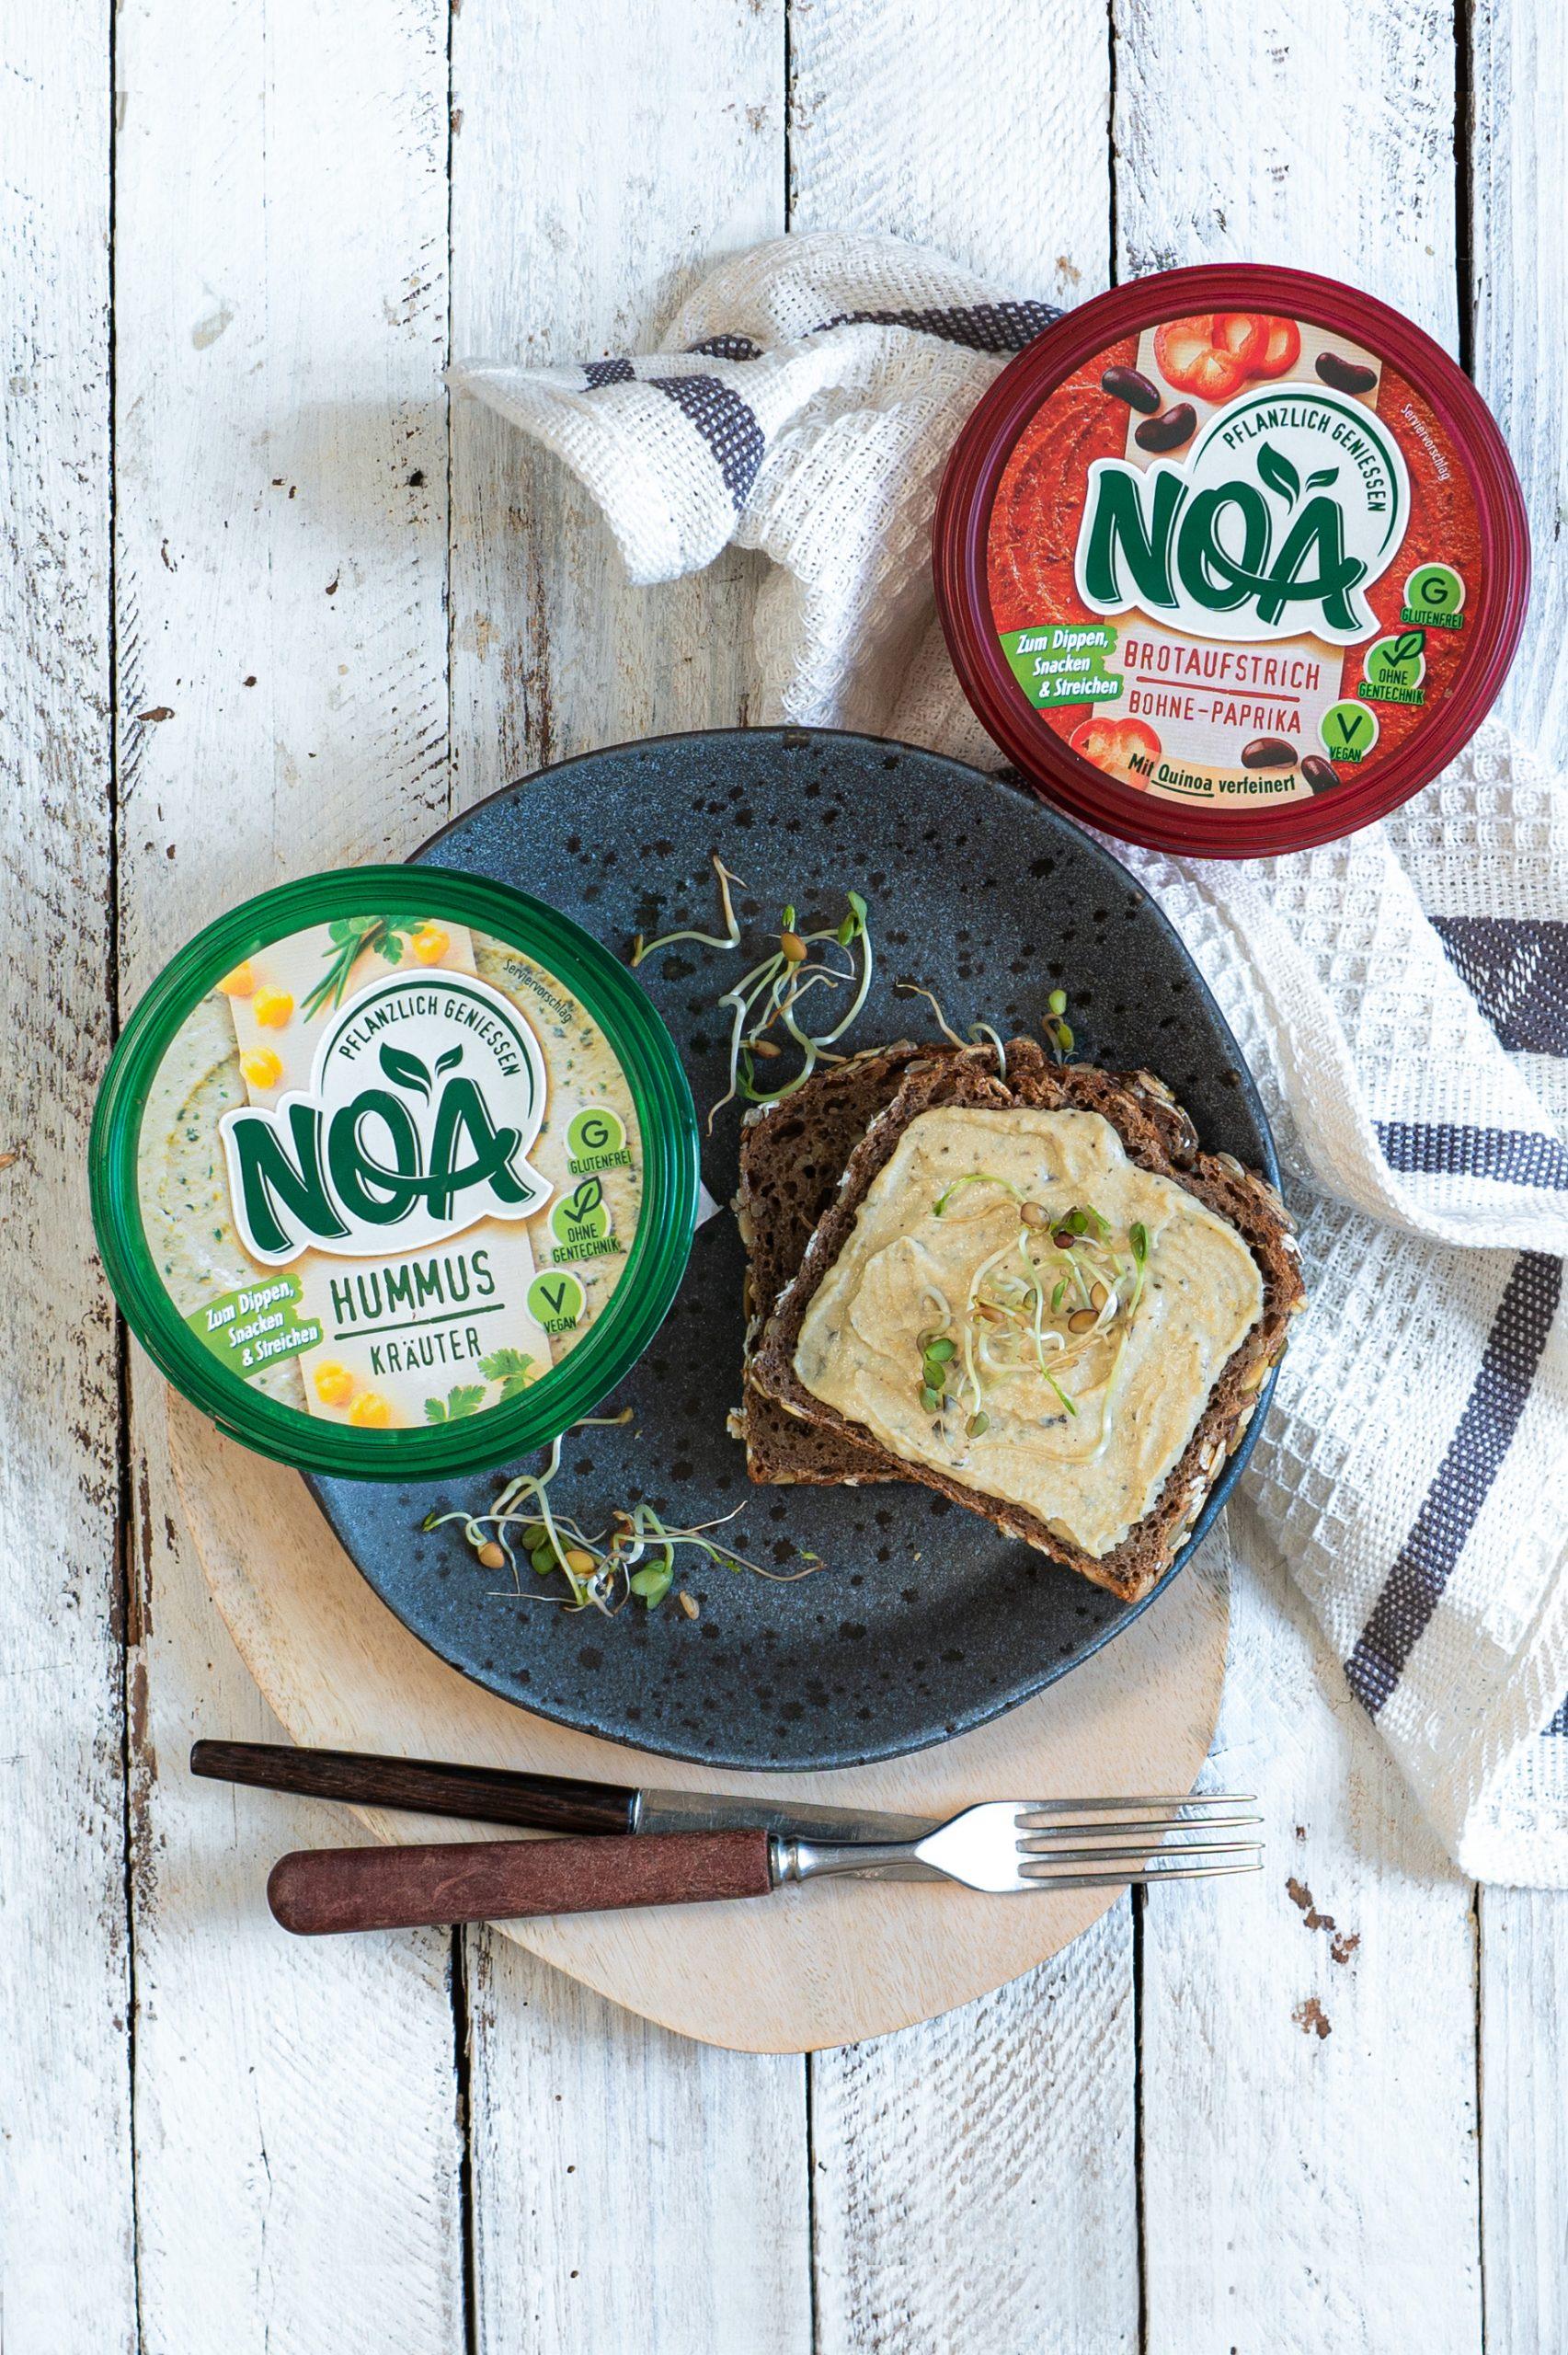 Pflanzliche Brotaufstriche von NOA auf einem Brot